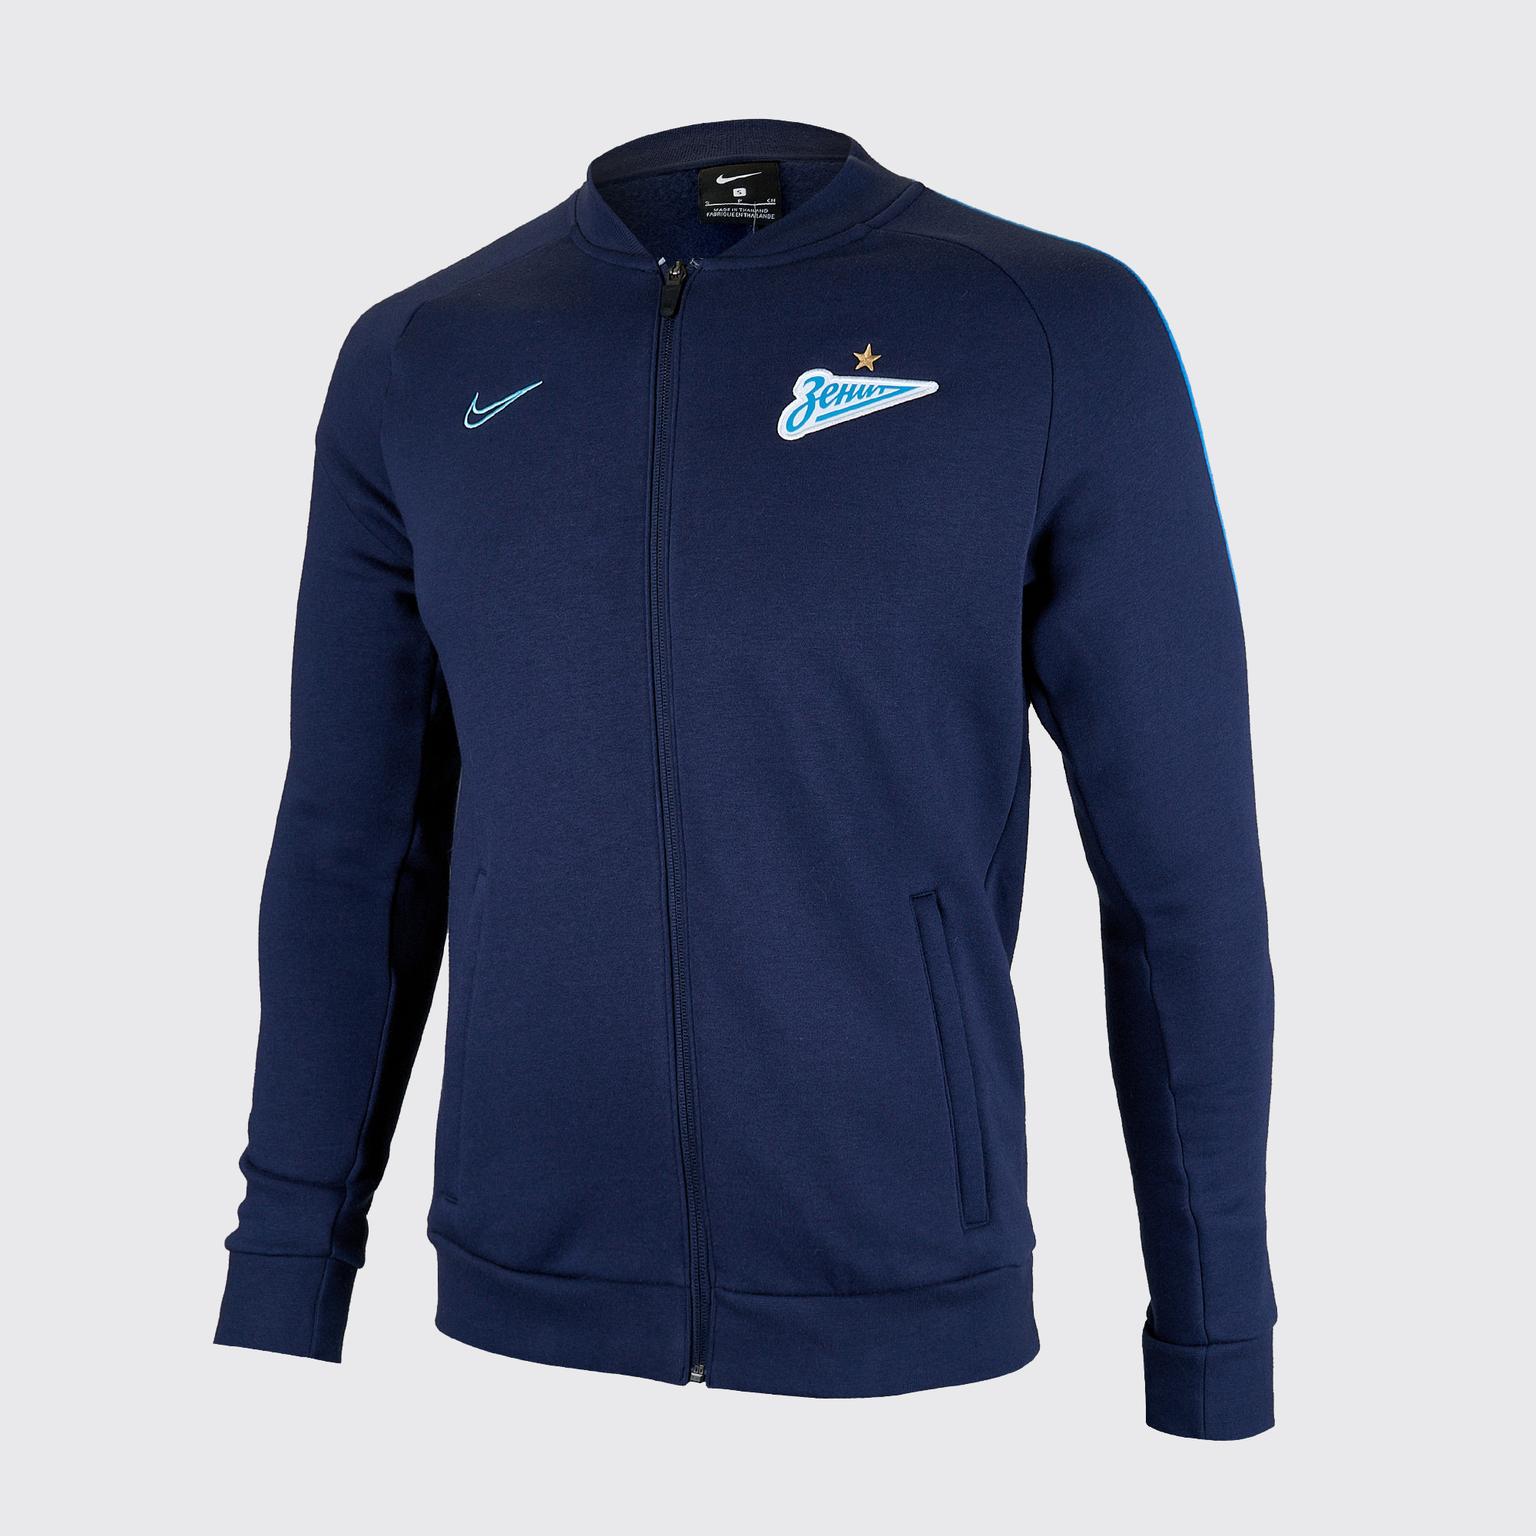 Олимпийка Nike Zenit AV9870-498 цена 2017